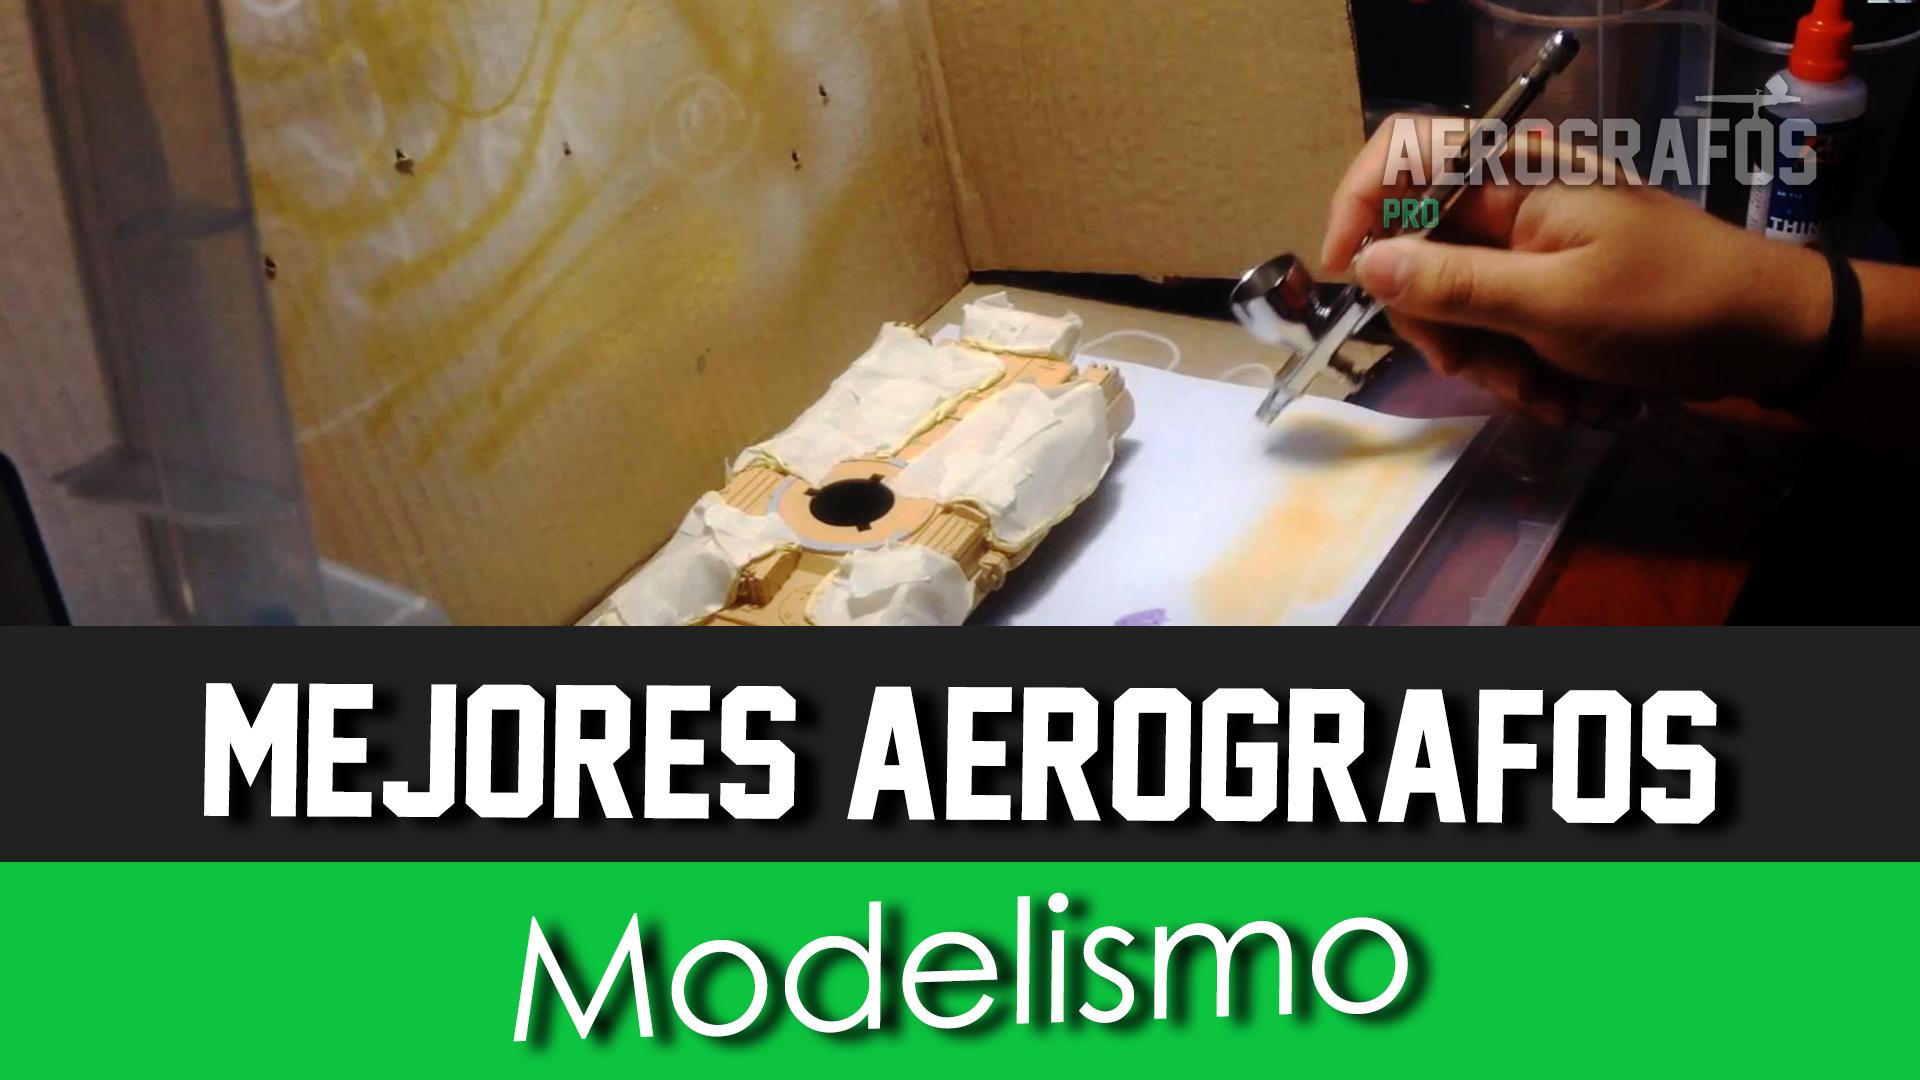 Aerogafos para Modelismo